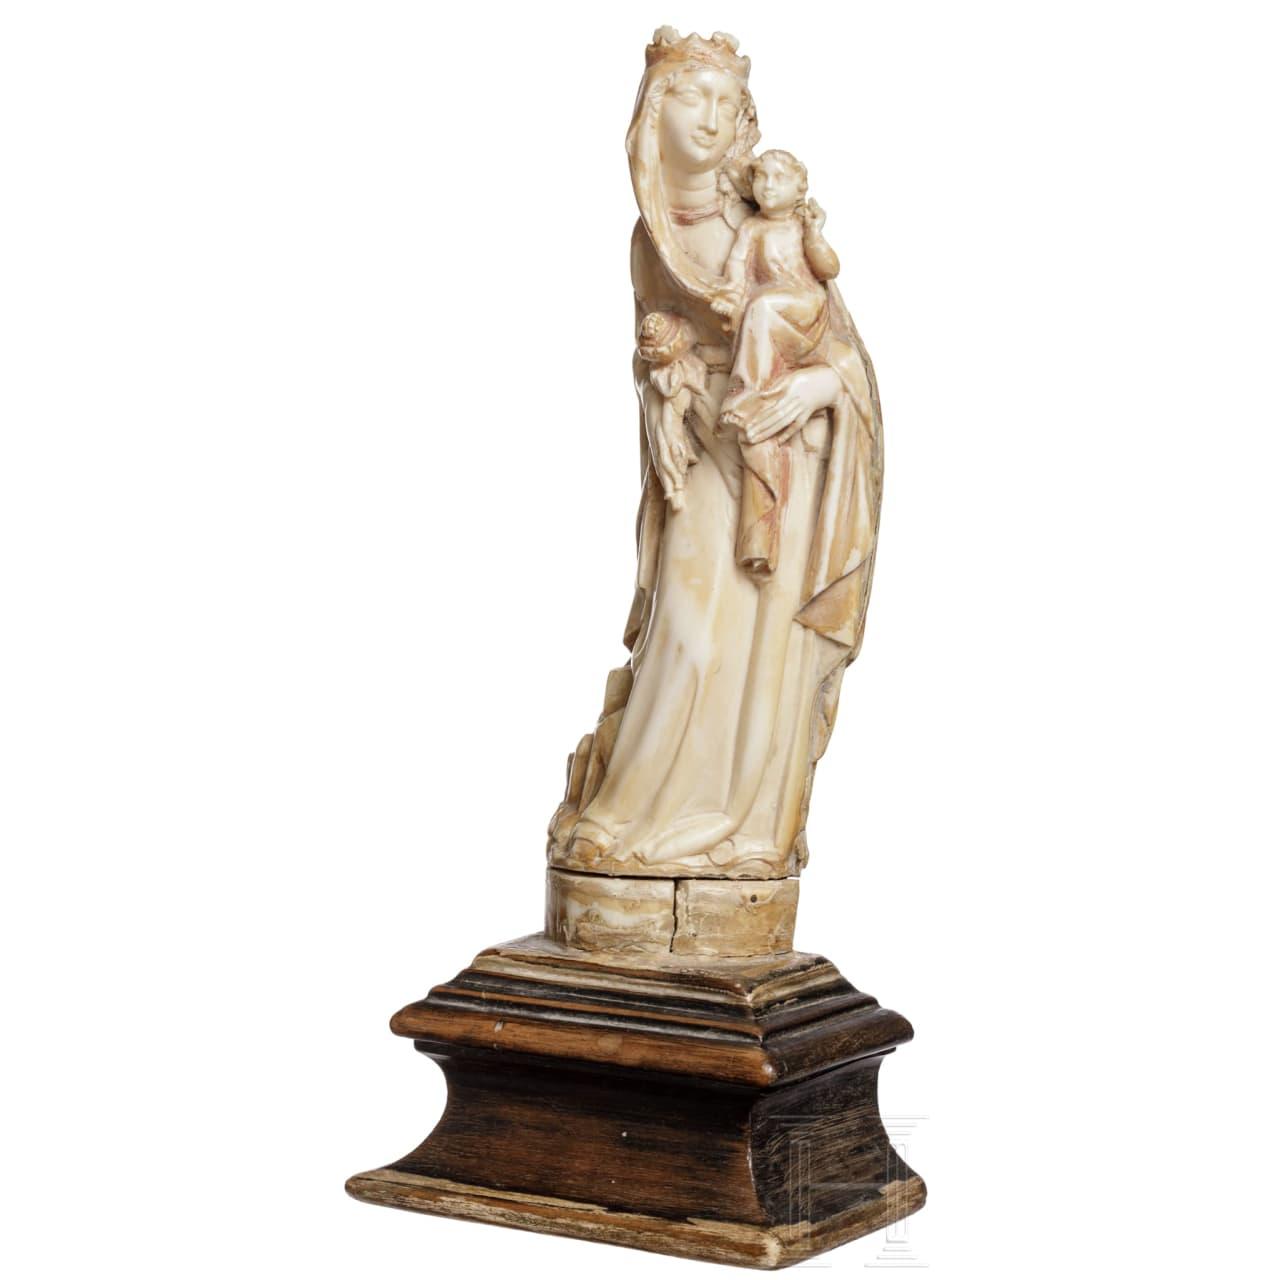 Skulptur einer Madonna mit Kind im gotischen Stil, wohl Frankreich, 19. Jhdt.